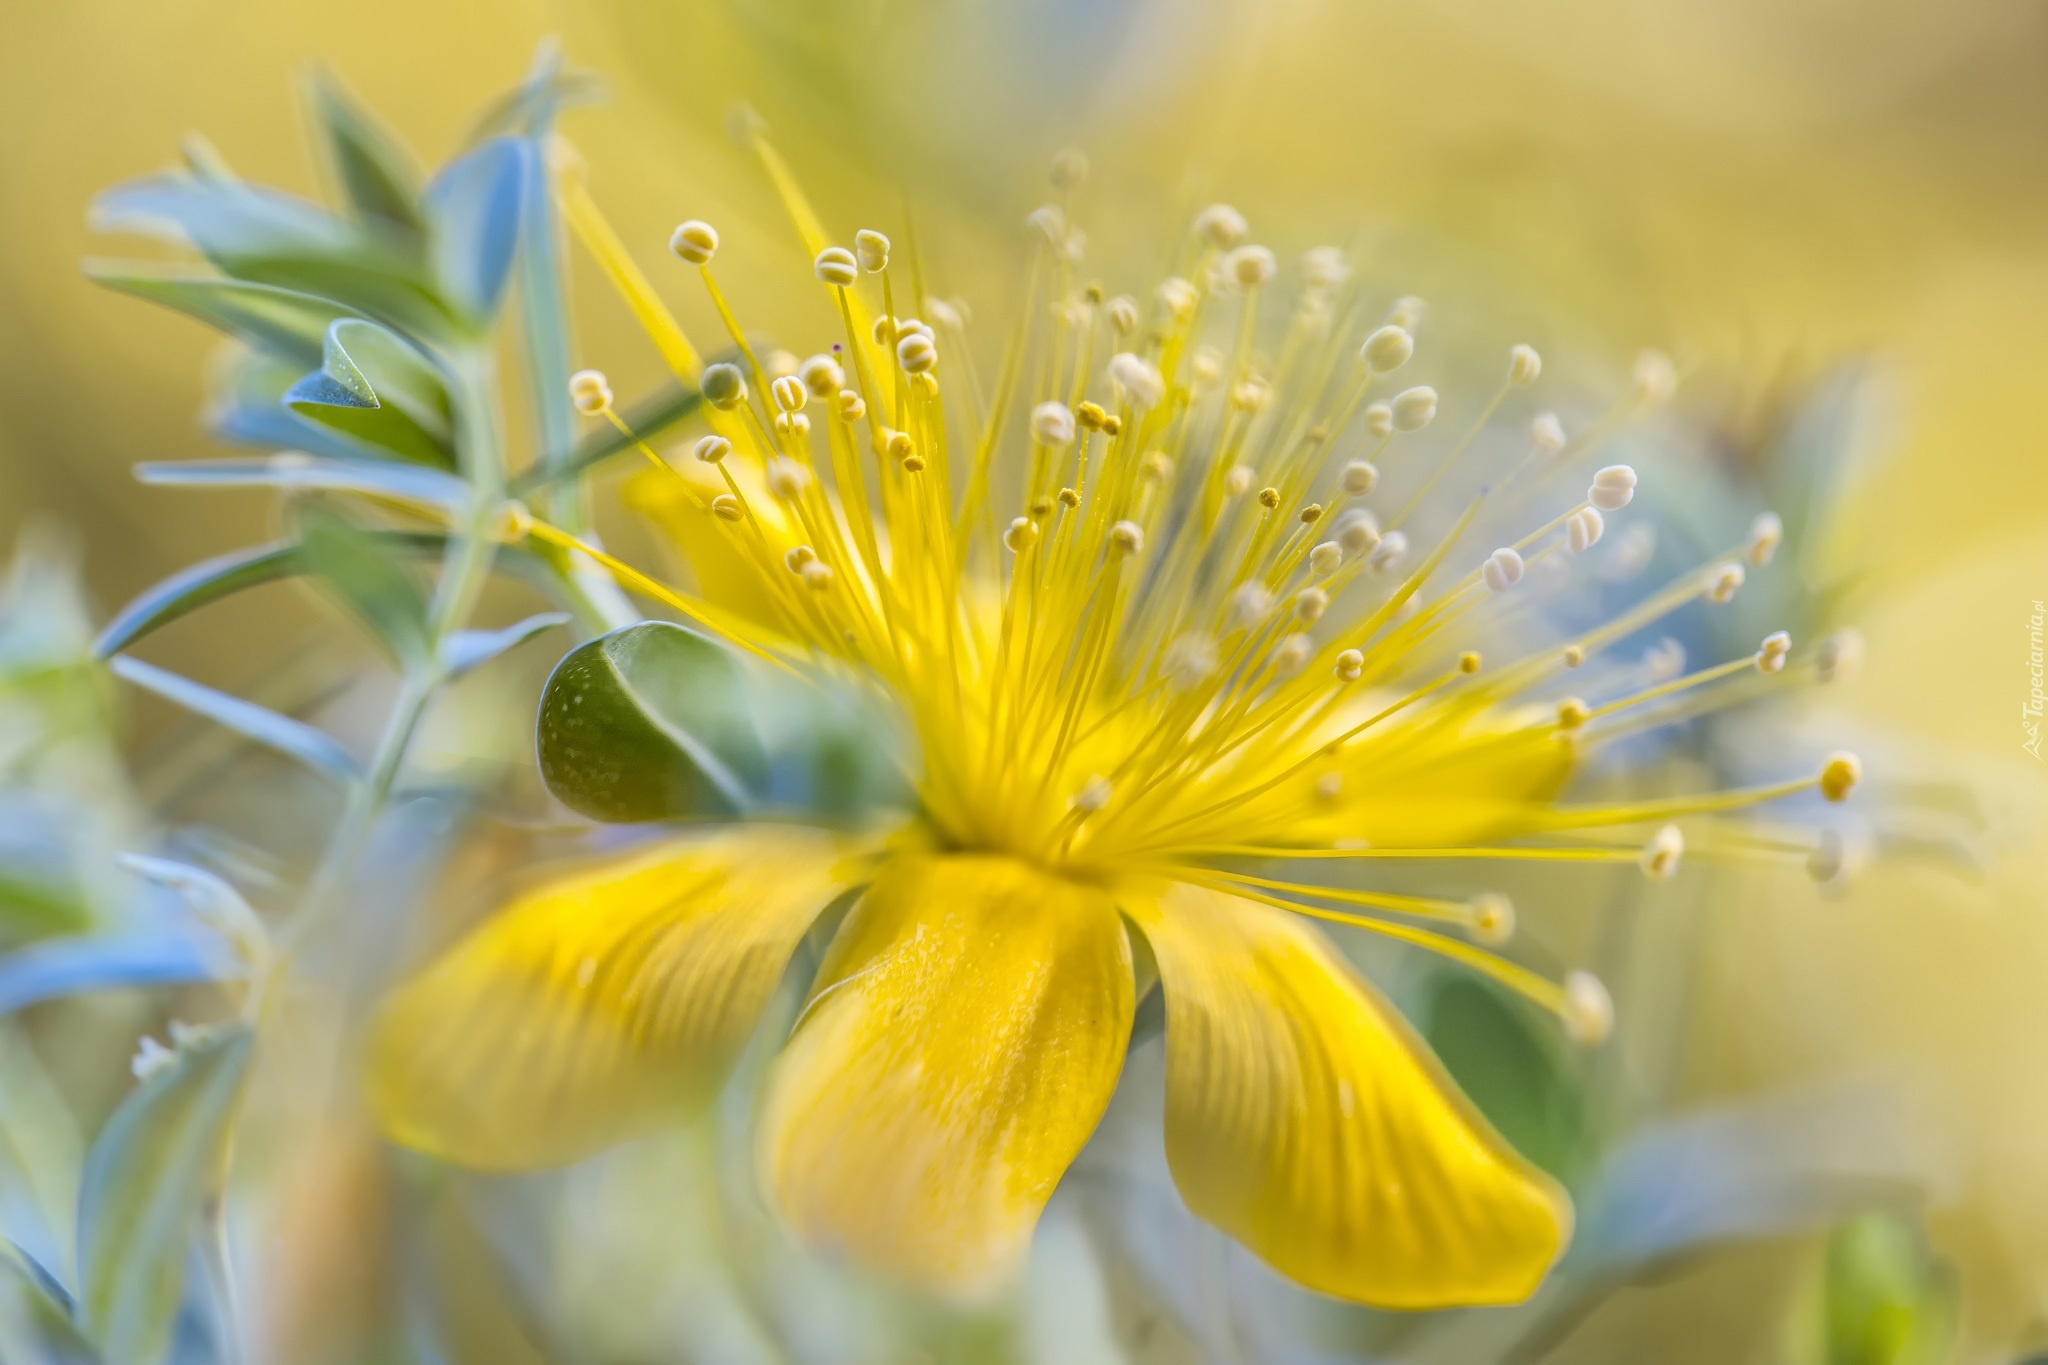 Желтые ромашки цветы желтые цветы размытость бесплатно